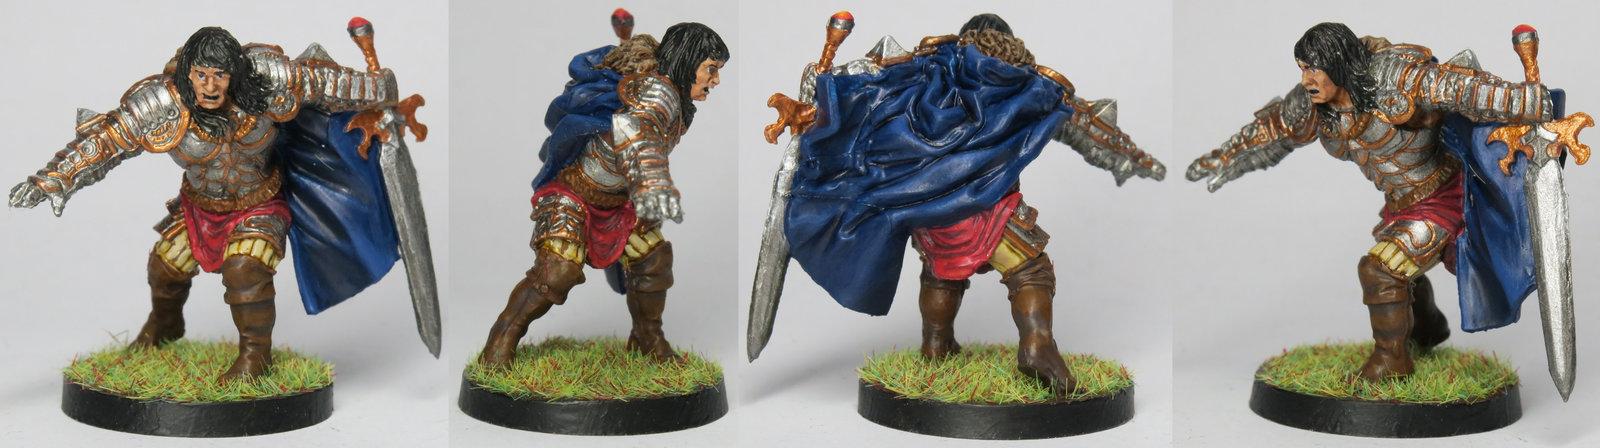 Conan as general